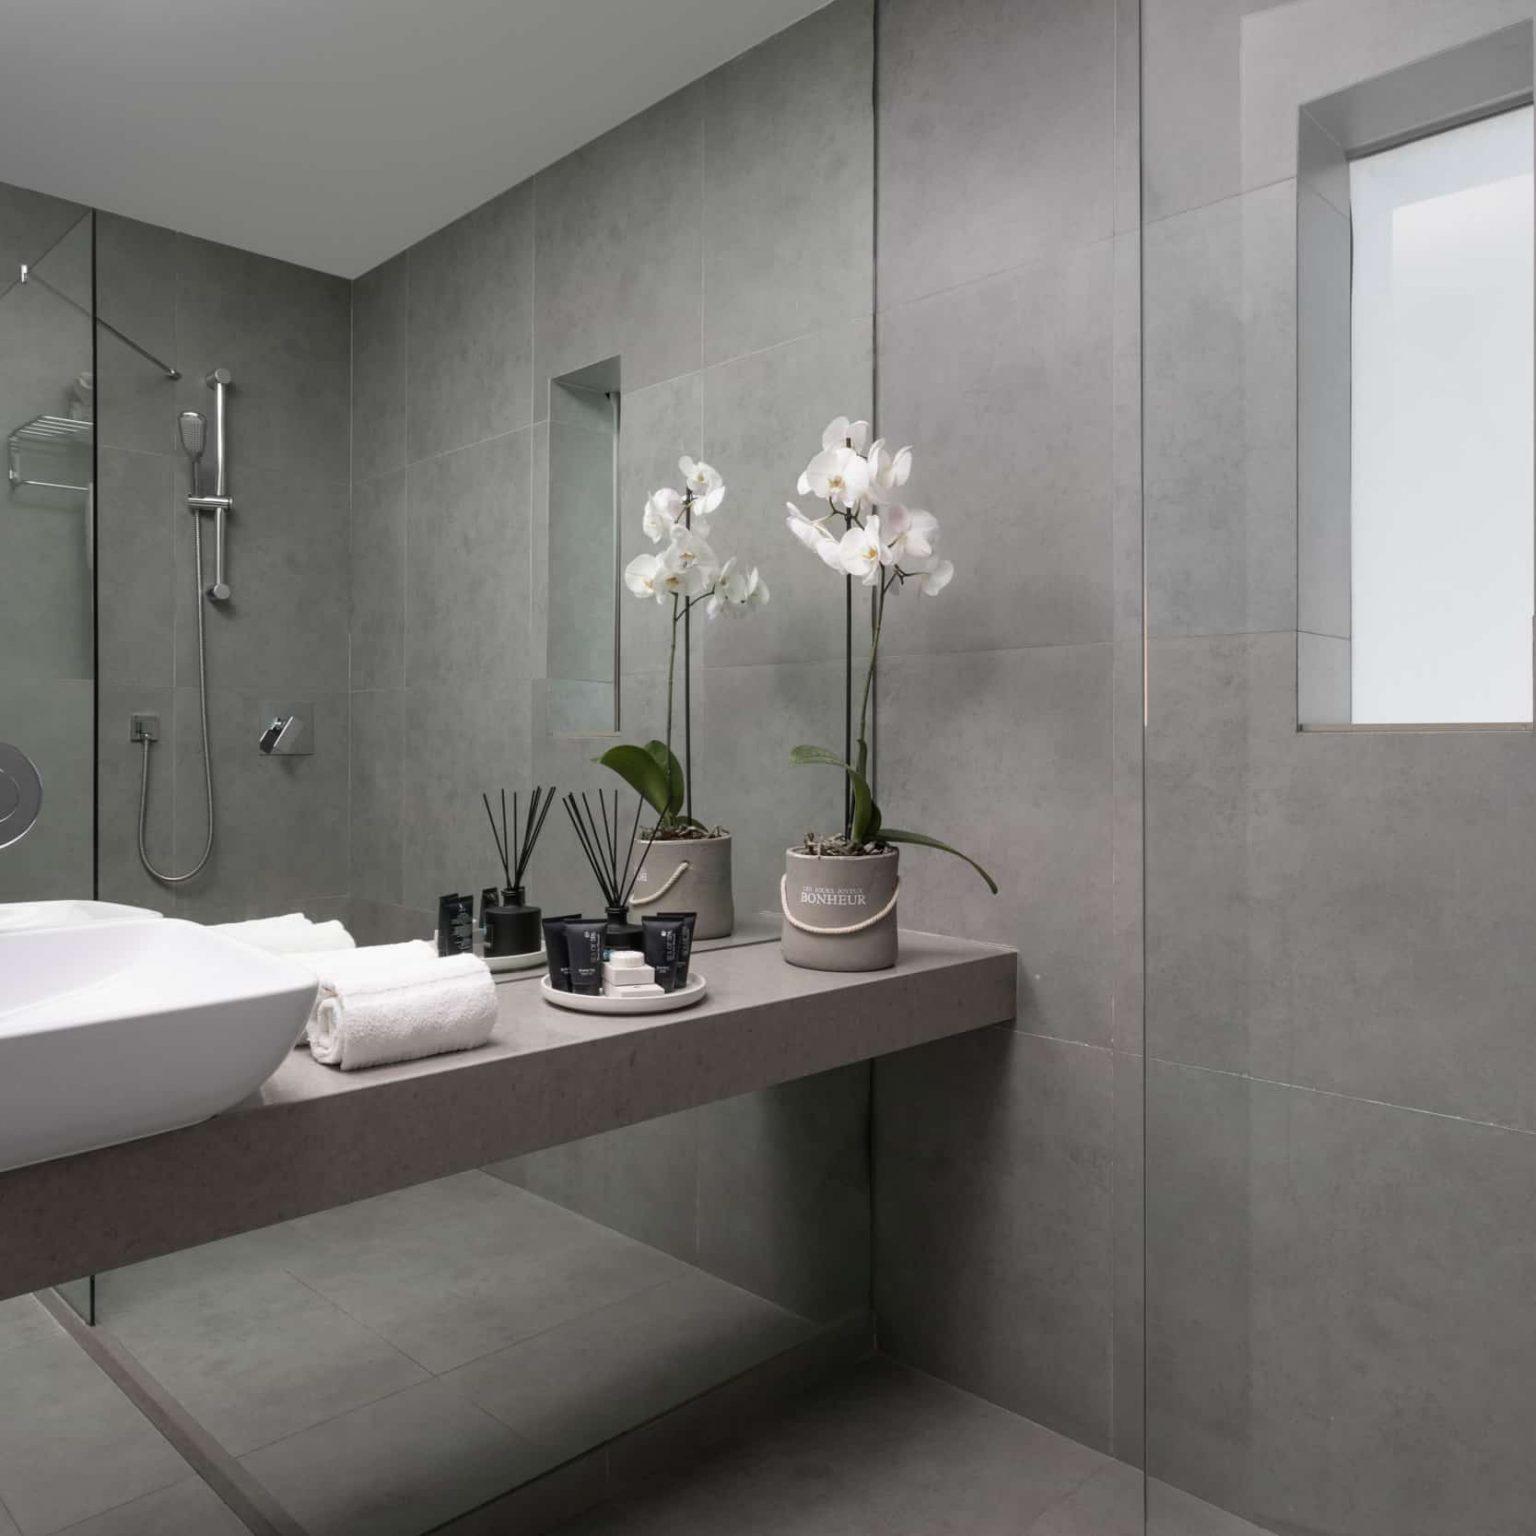 האמבטיה בחדר של מלון בוטיק תל אביב